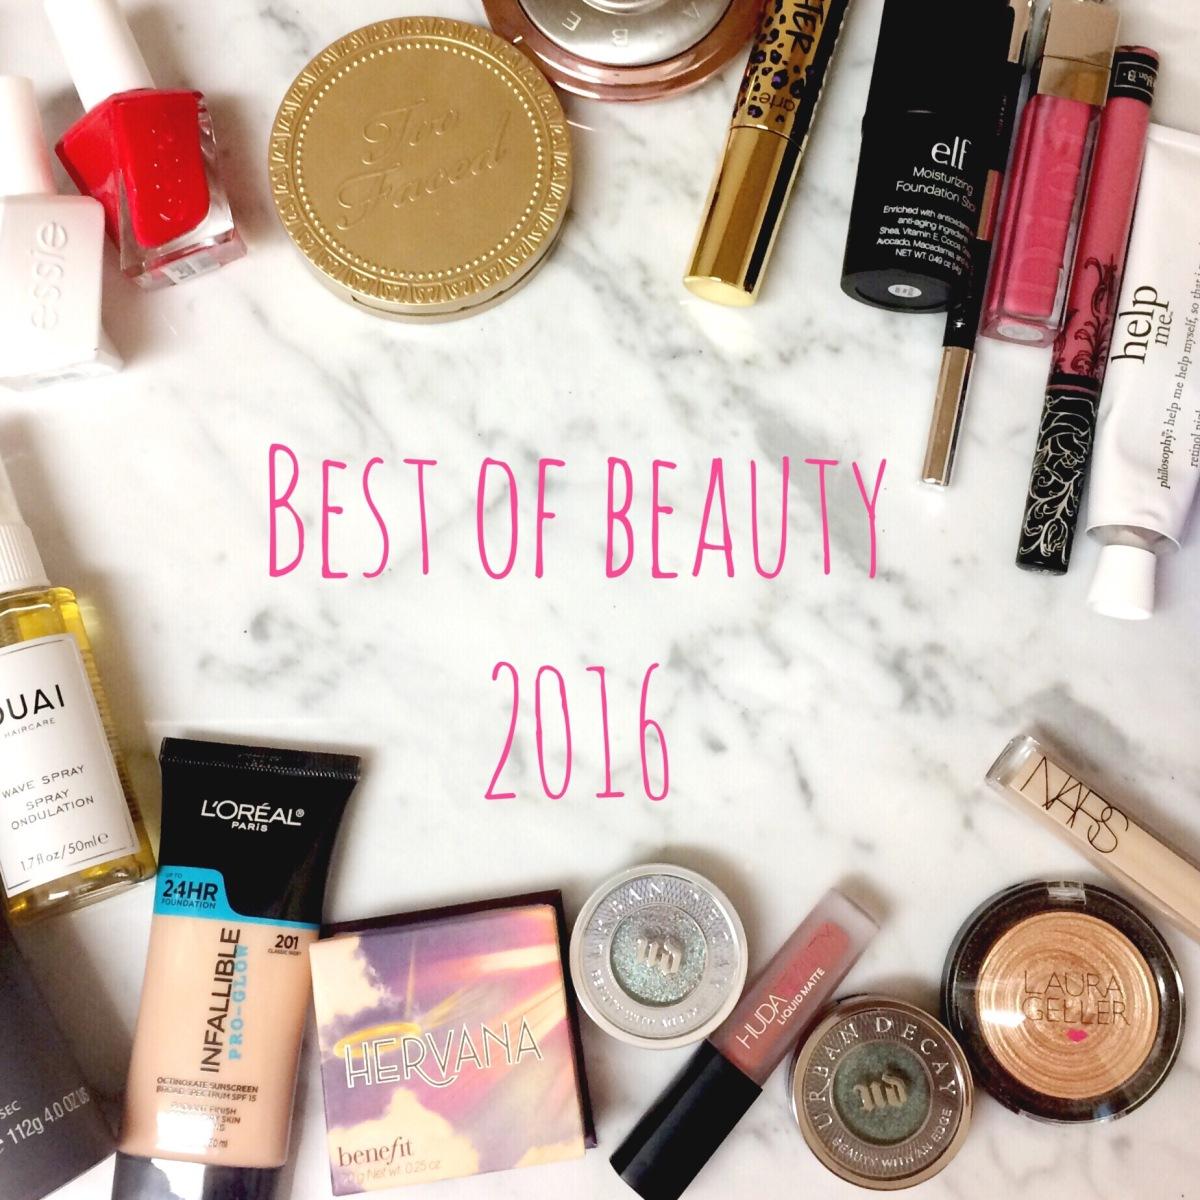 BEST OF BEAUTY |2016